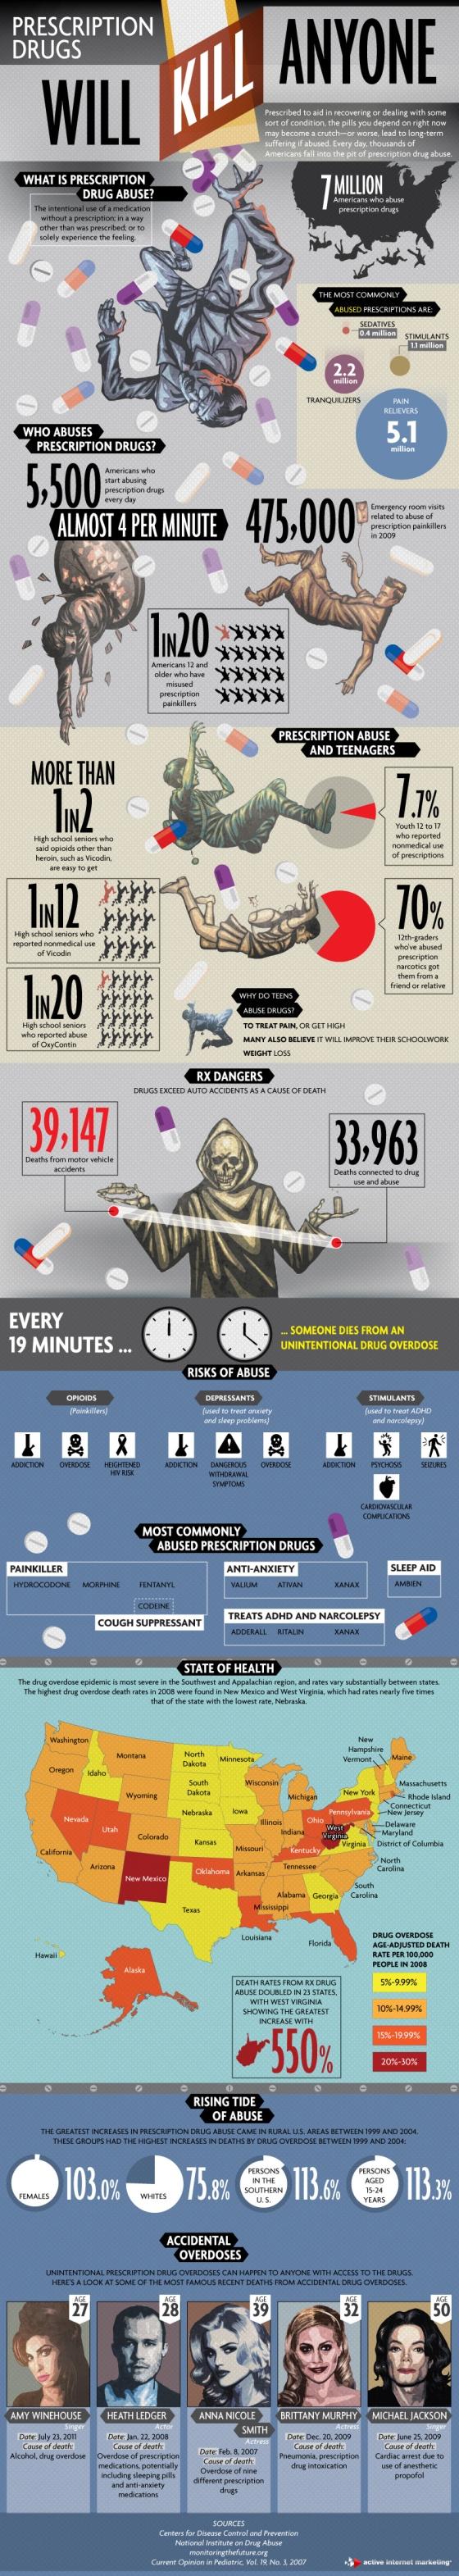 Prescription drugs will kill anyone